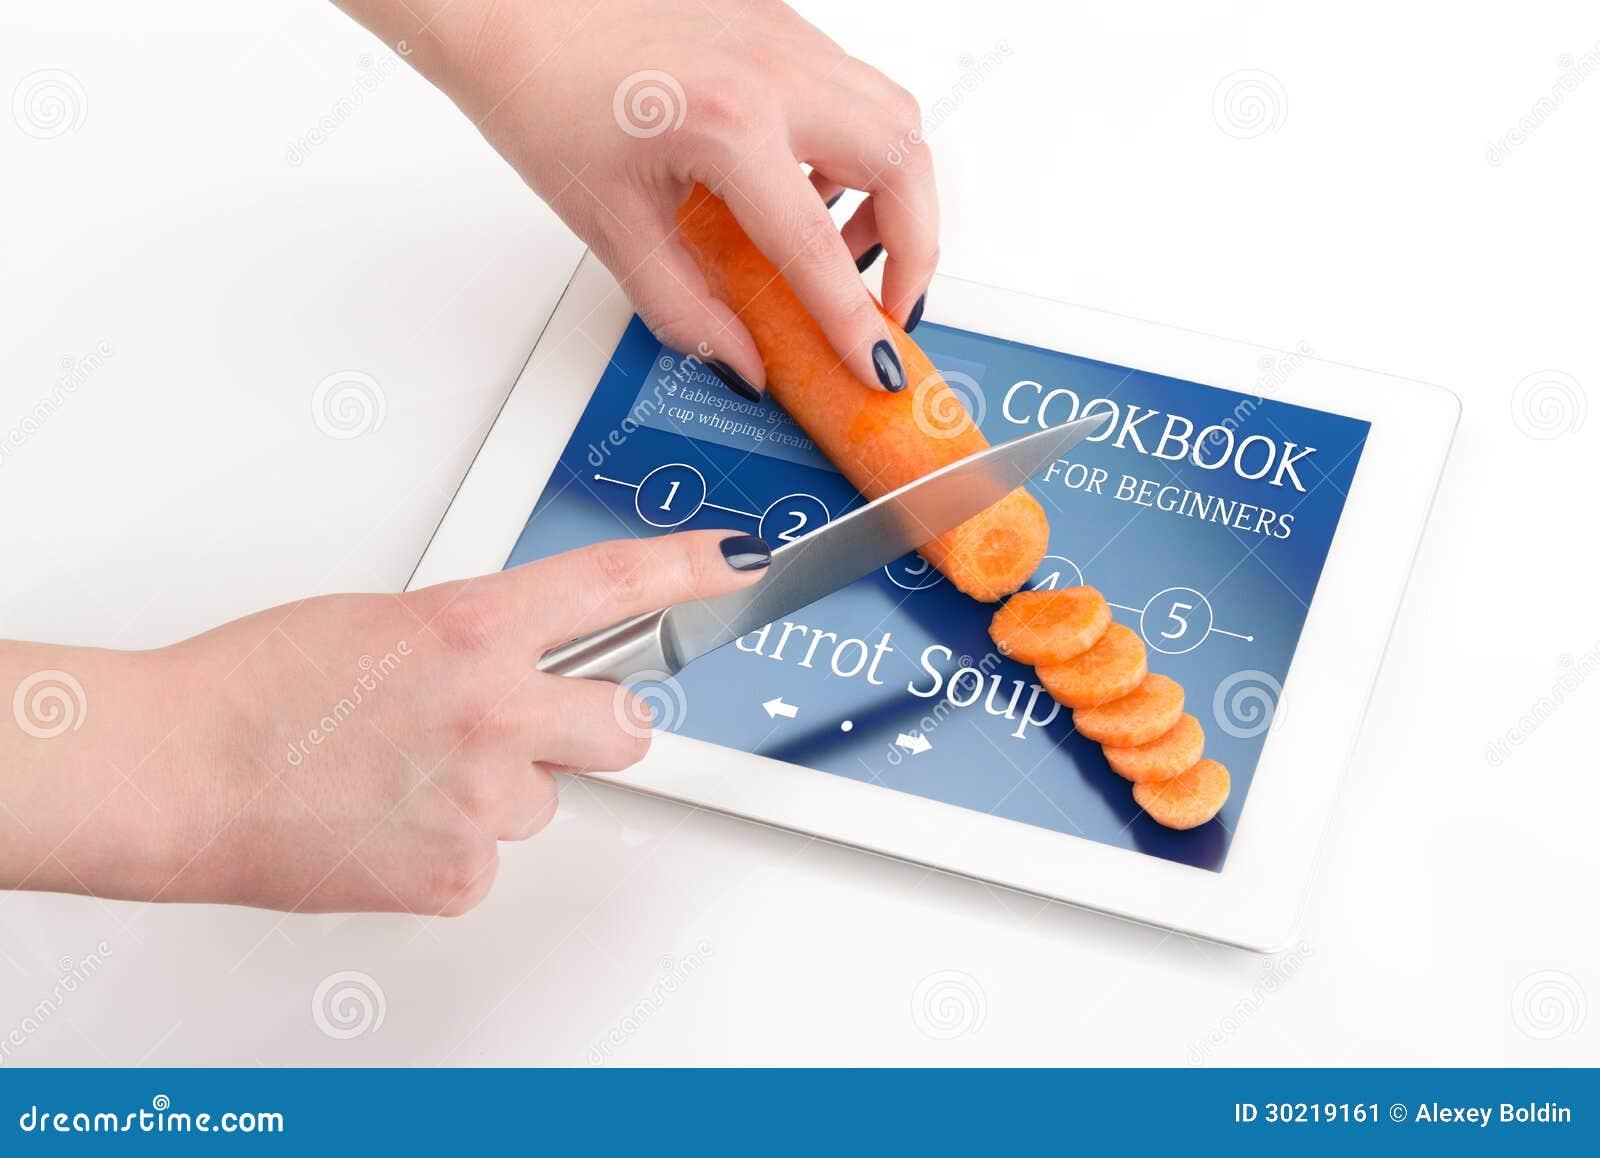 Livre de cuisine pour des d butants avec une carotte image stock image 30219161 - Robot pour raper les carottes ...